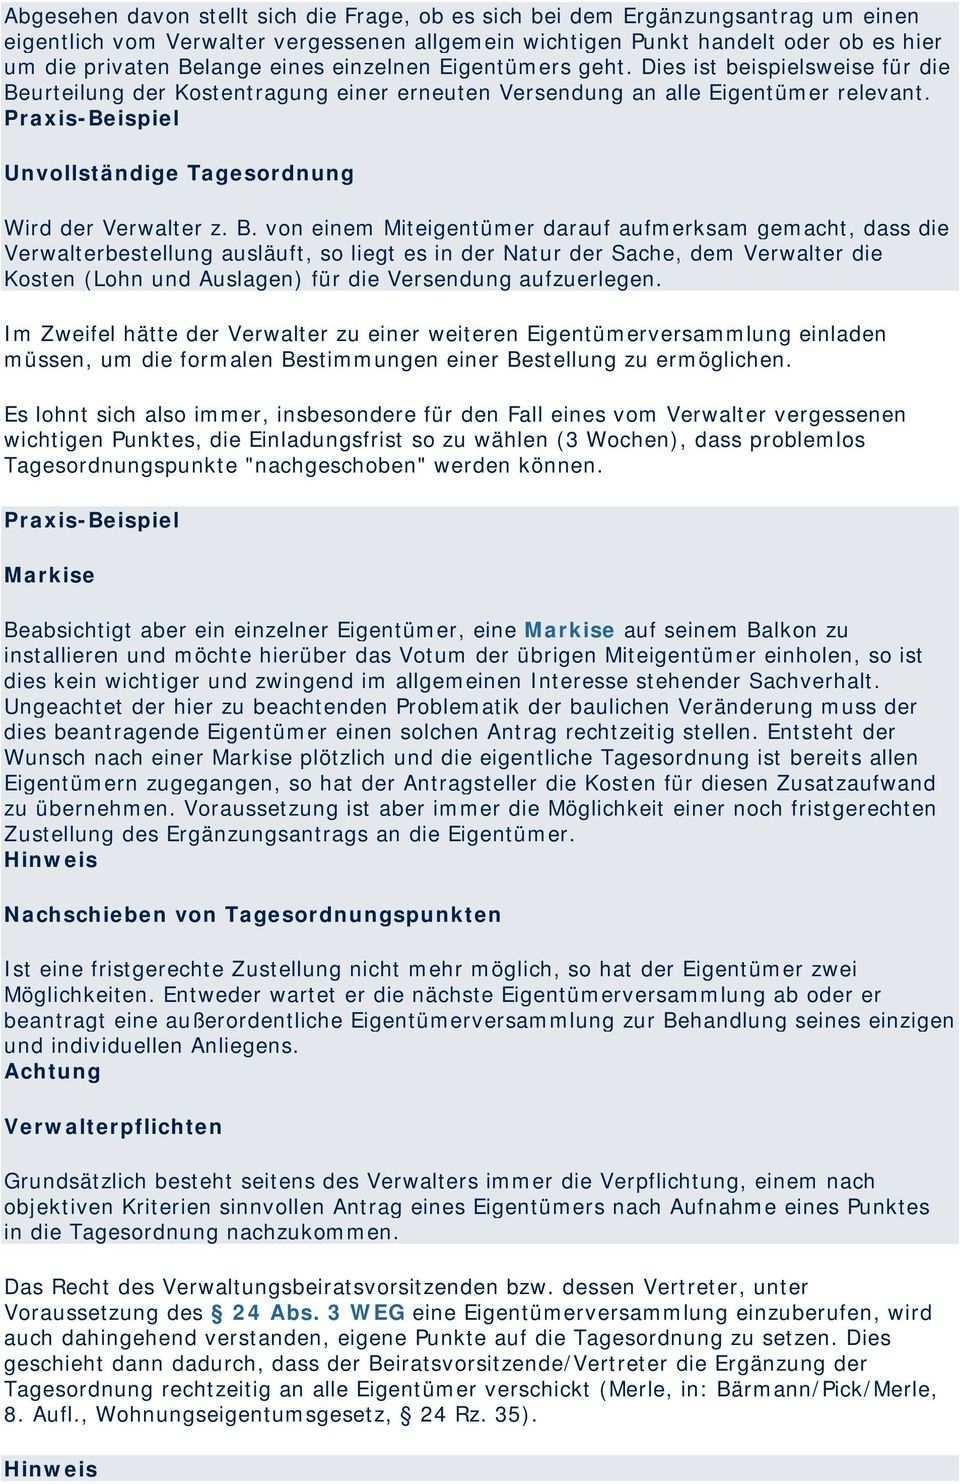 Eigentumerversammlung Pdf Free Download